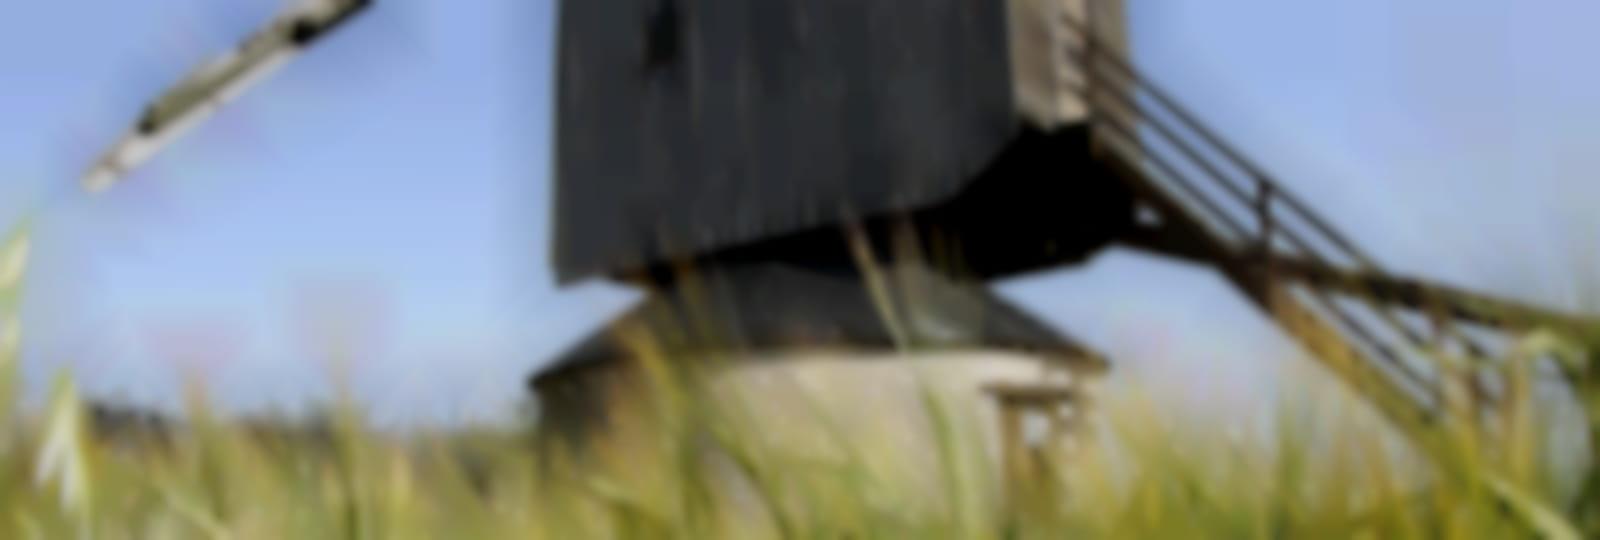 Moulin à vent de Levesville la Chenard